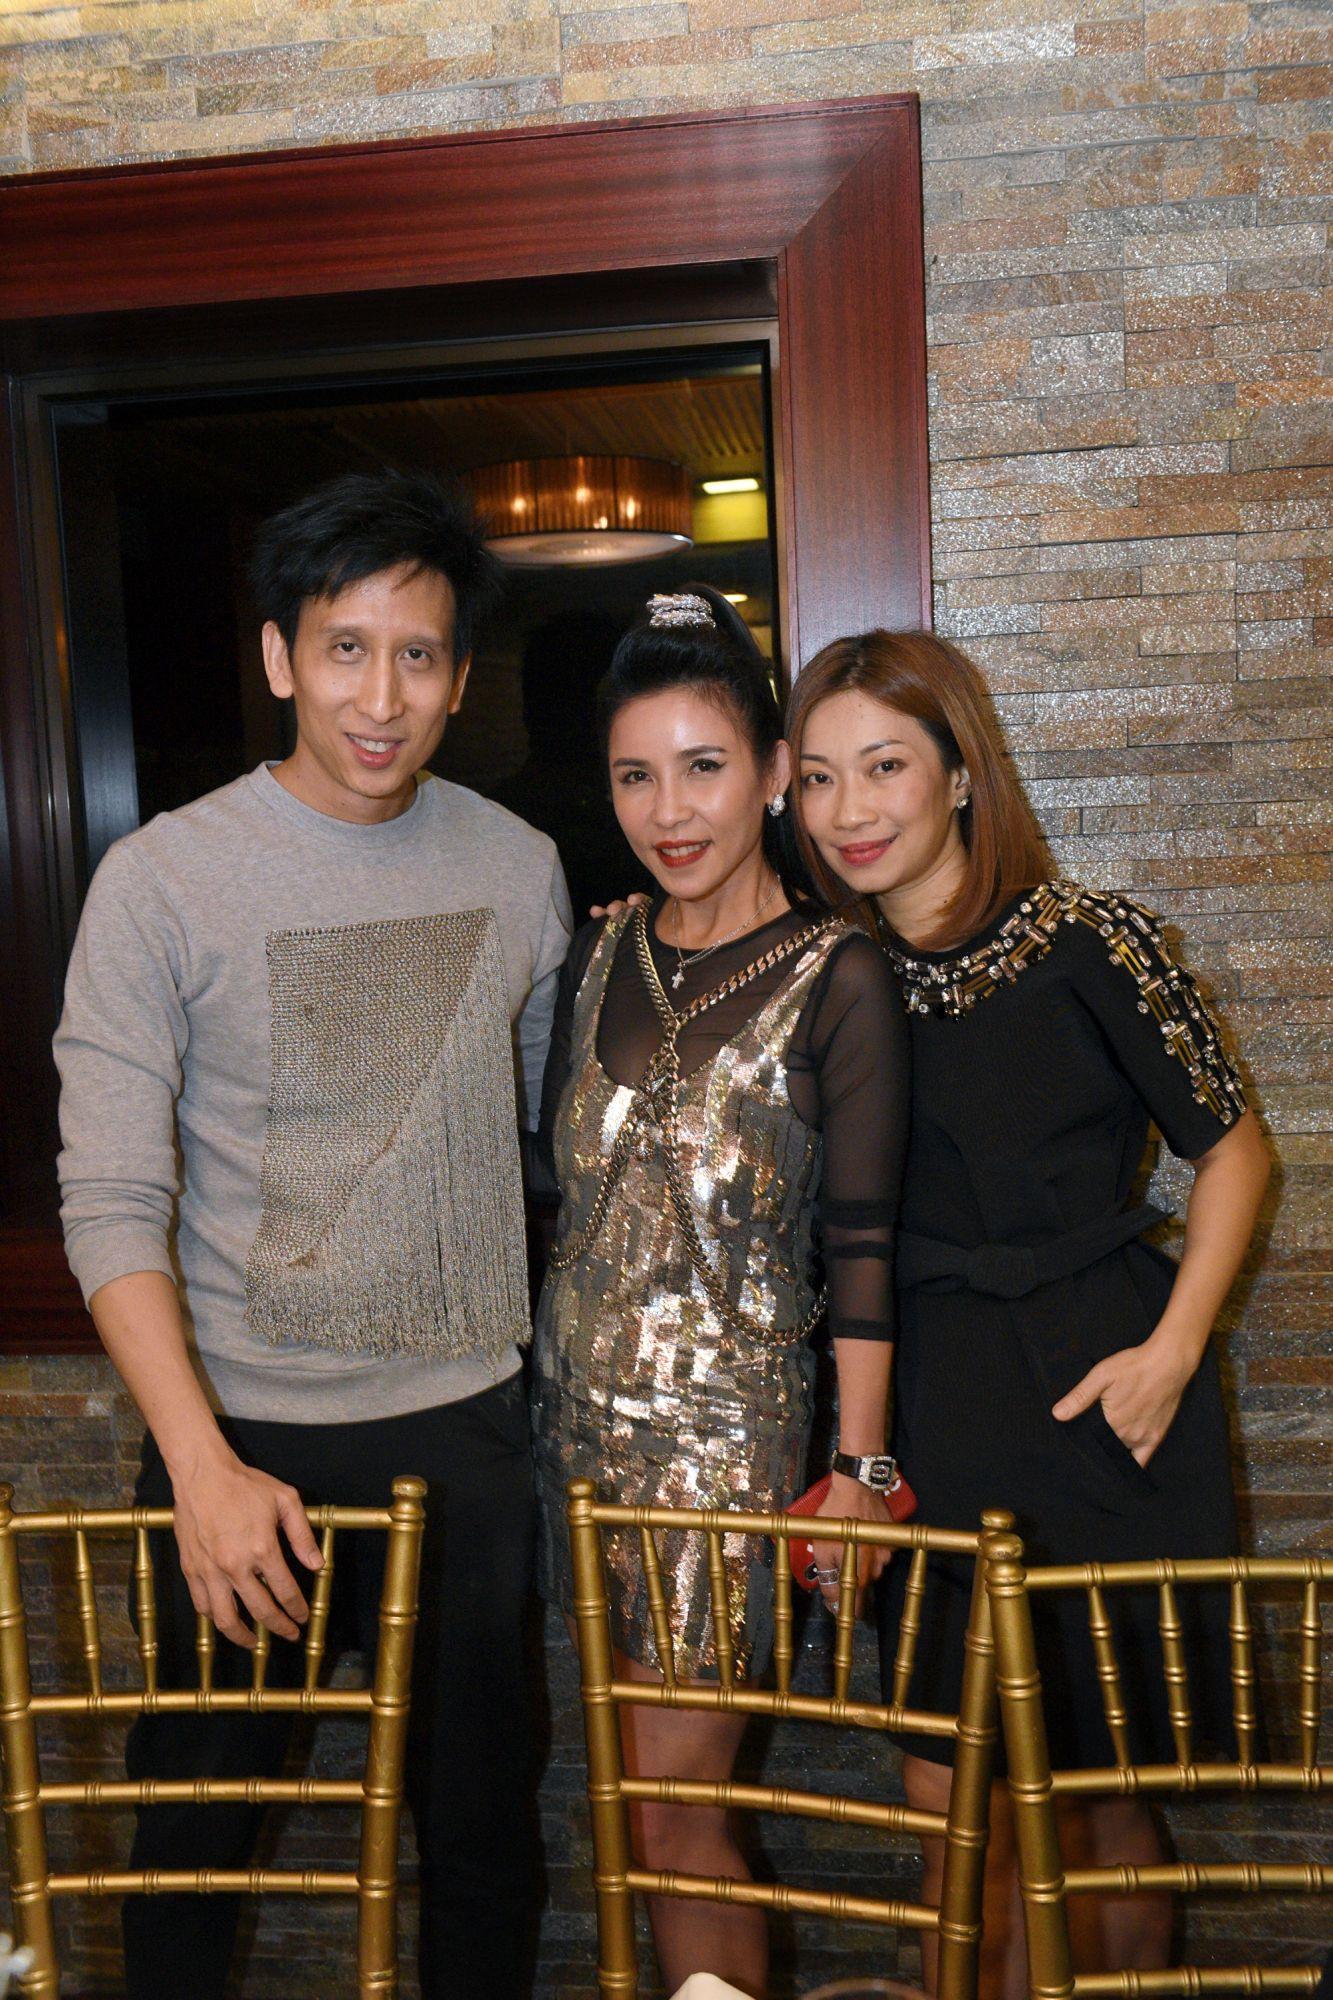 Damien Low, Fanty Soenardy, Corinne Ng